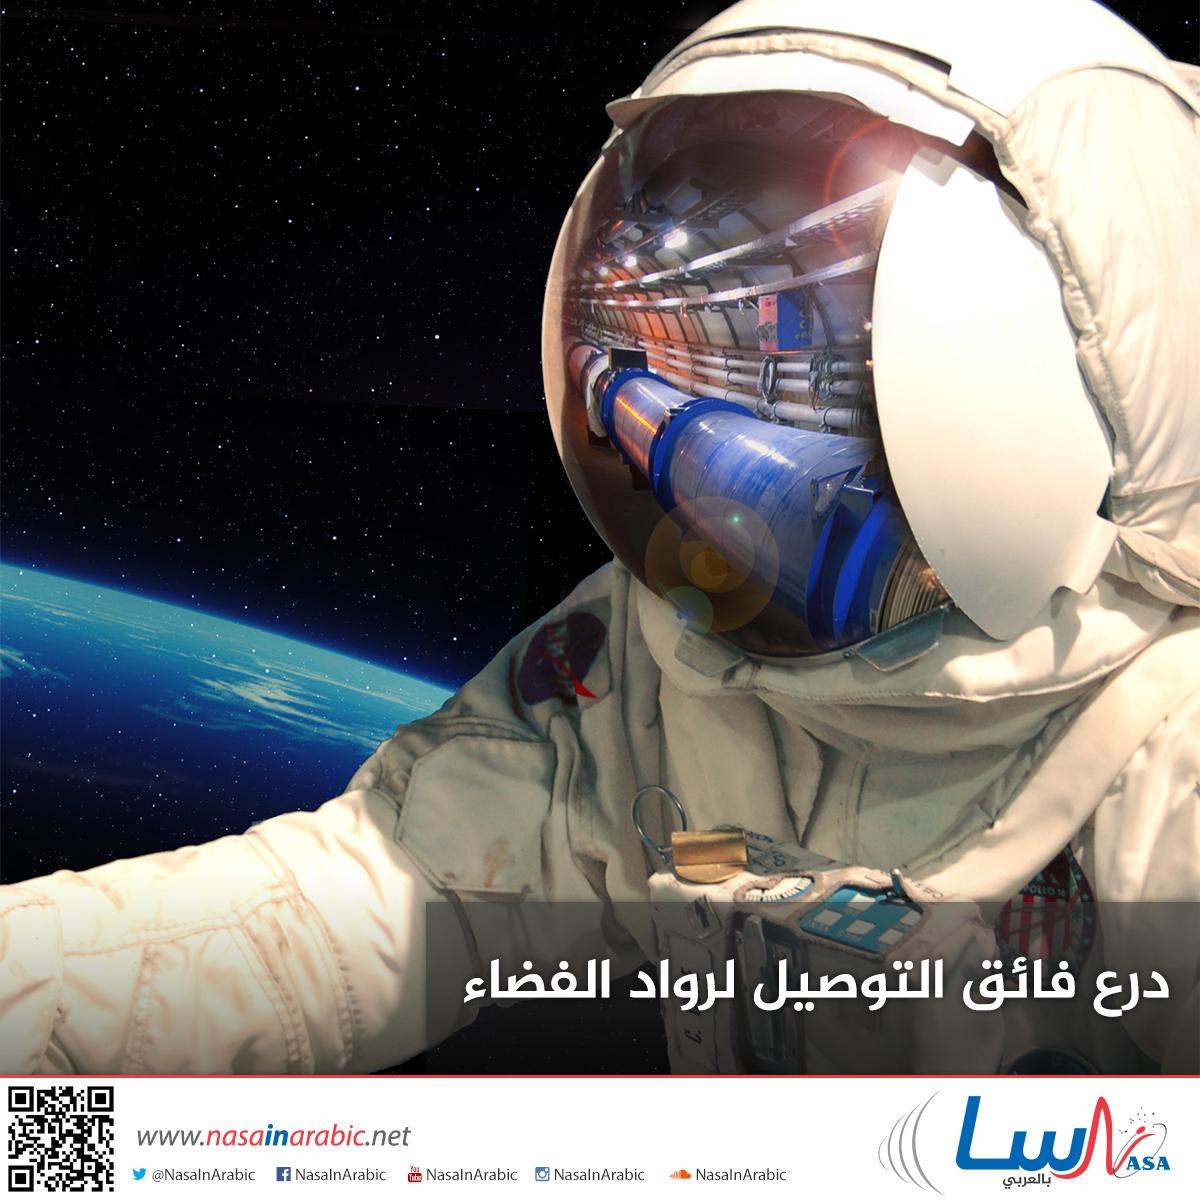 درع فائق التوصيل لرواد الفضاء